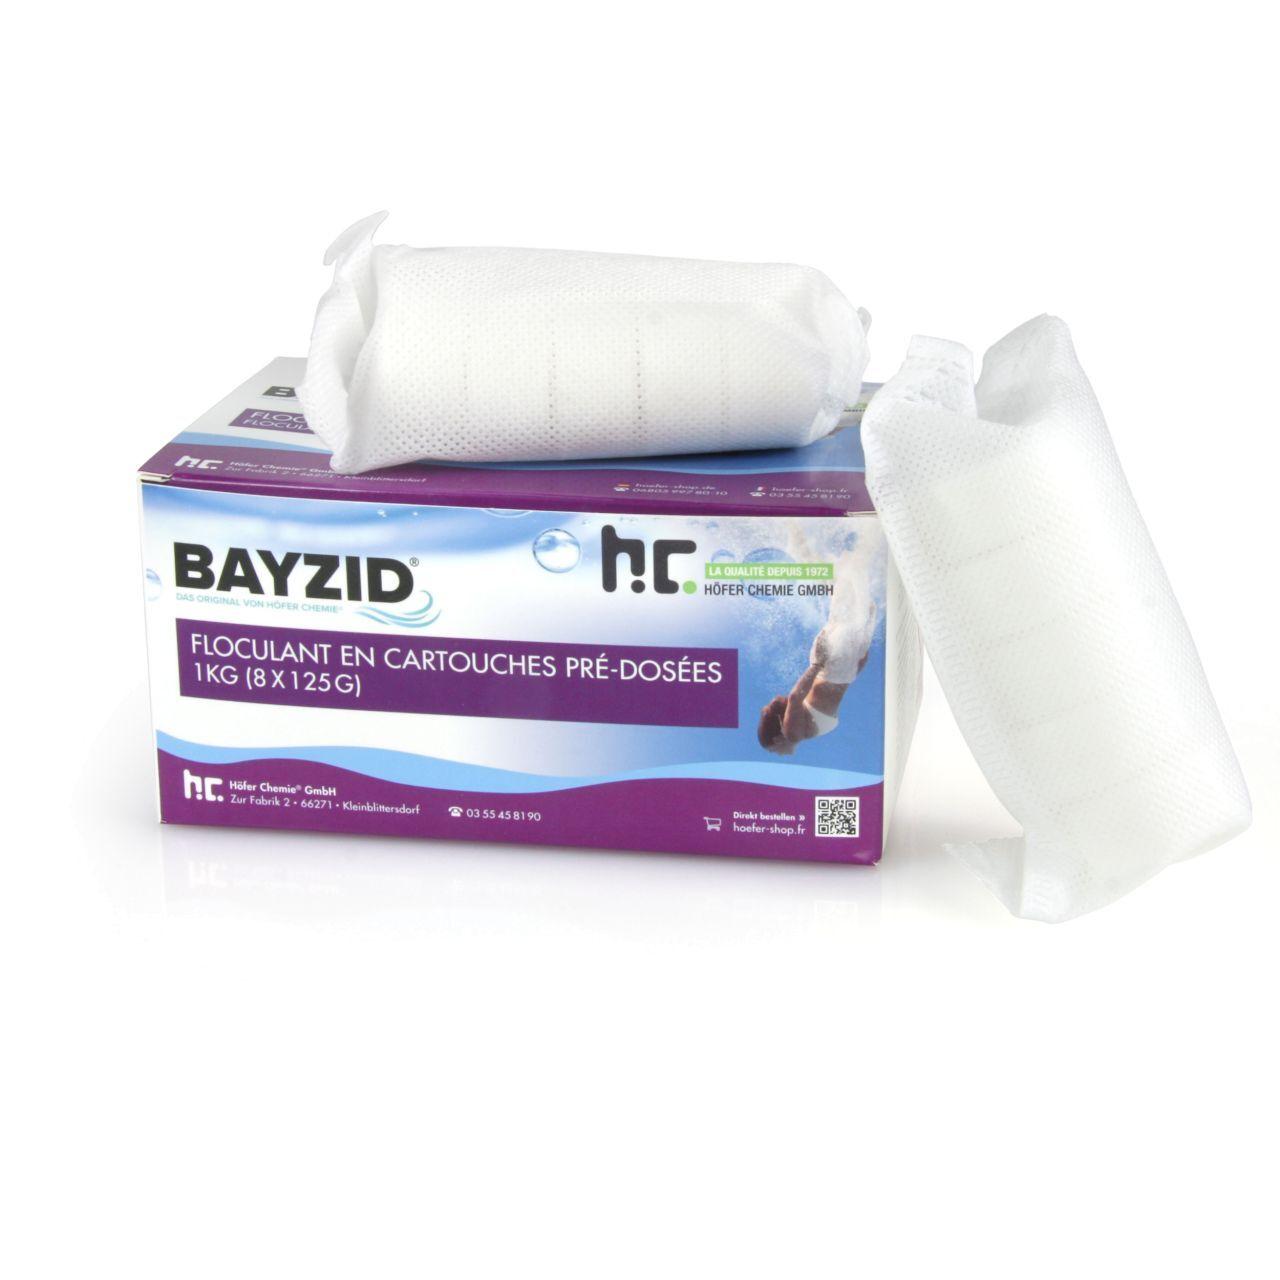 BAYZID 2 kg BAYZID® Cartouches de floculant pré-dosées (8x 125g) (2 x 1 kg)